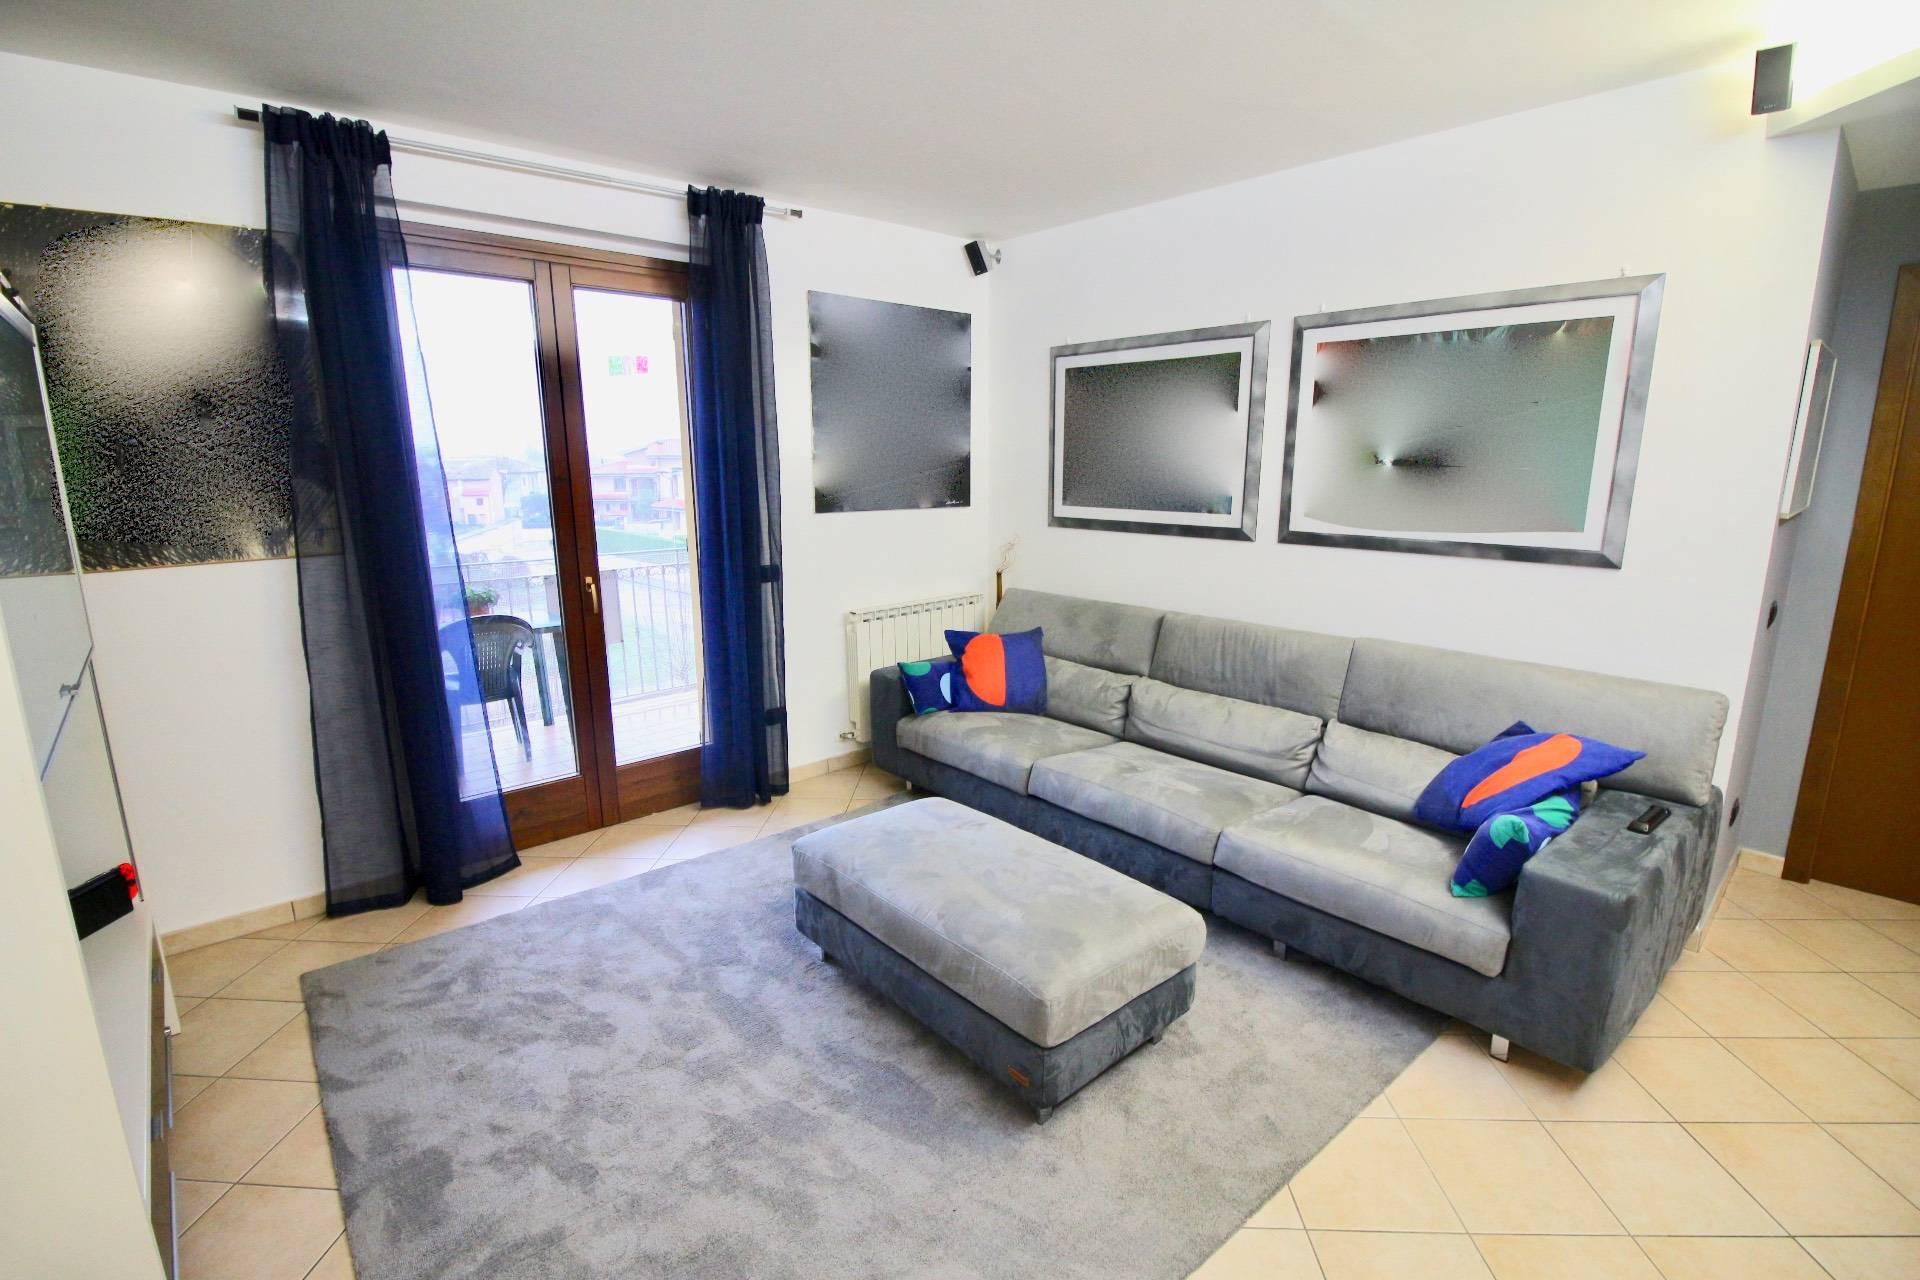 Appartamento in vendita a Cerreto d'Esi, 7 locali, prezzo € 150.000   CambioCasa.it